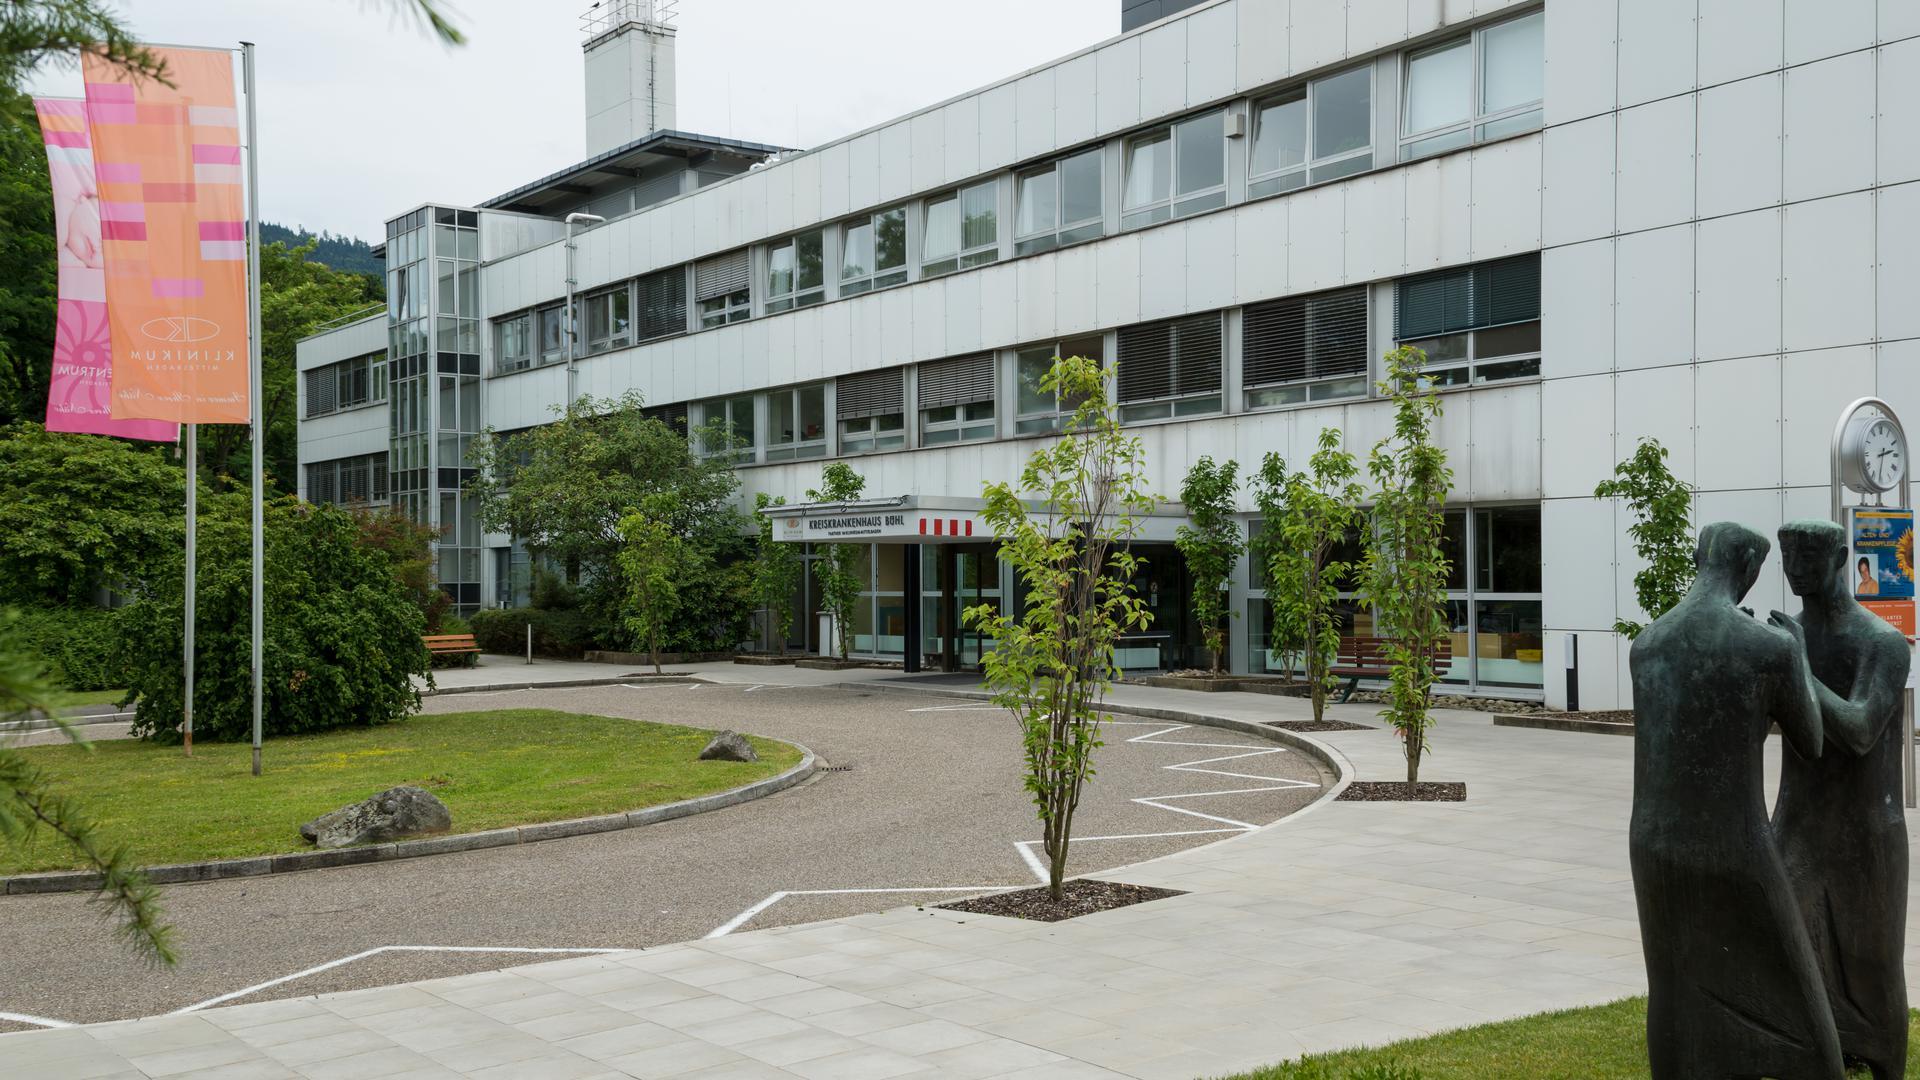 Städtisches Klinikum Baden-Baden